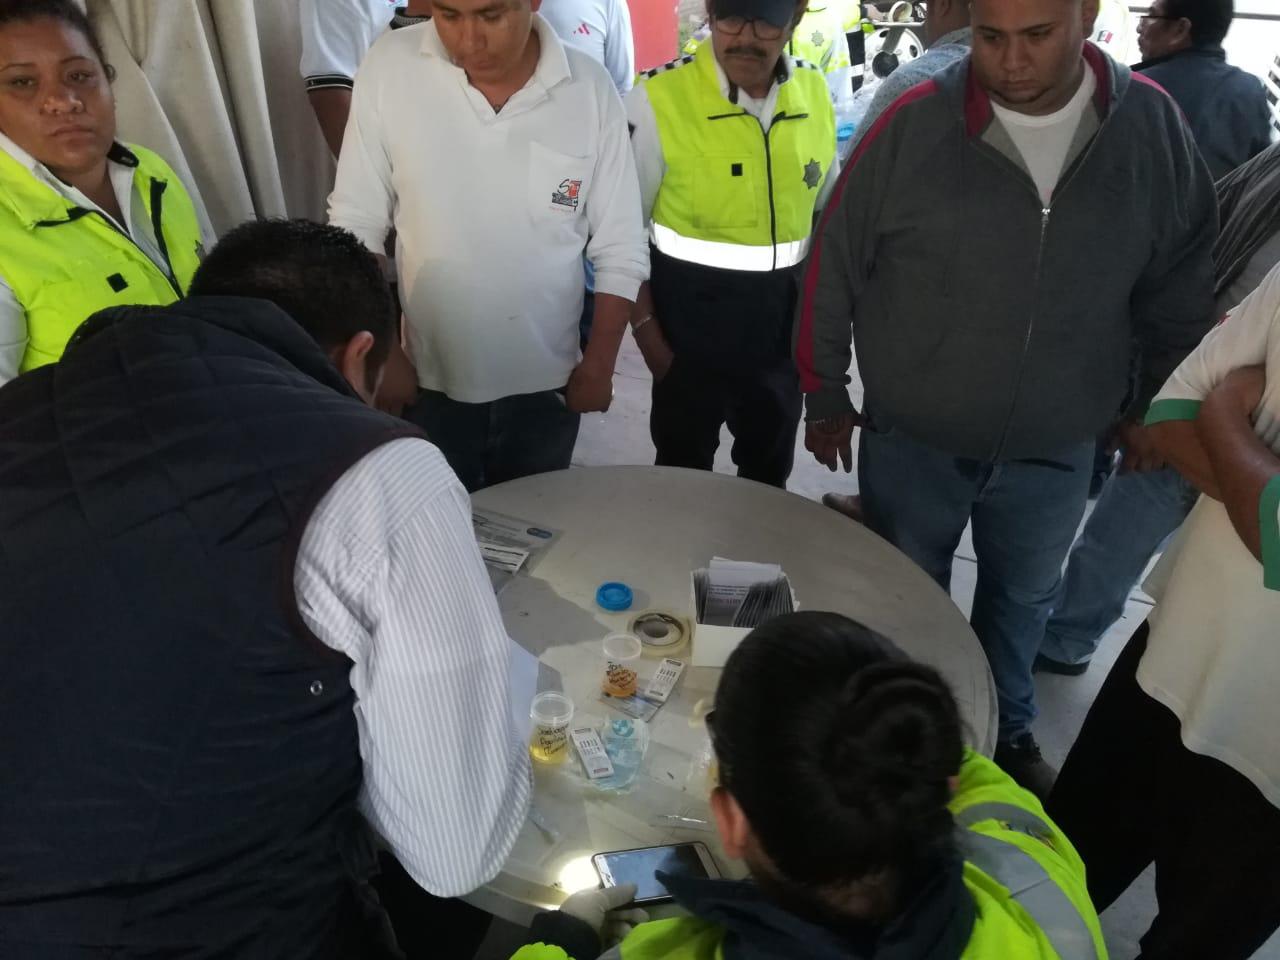 APLICAN PRUEBAS ANTIDOPING A CONDUCTORES DE URBANOS. 4